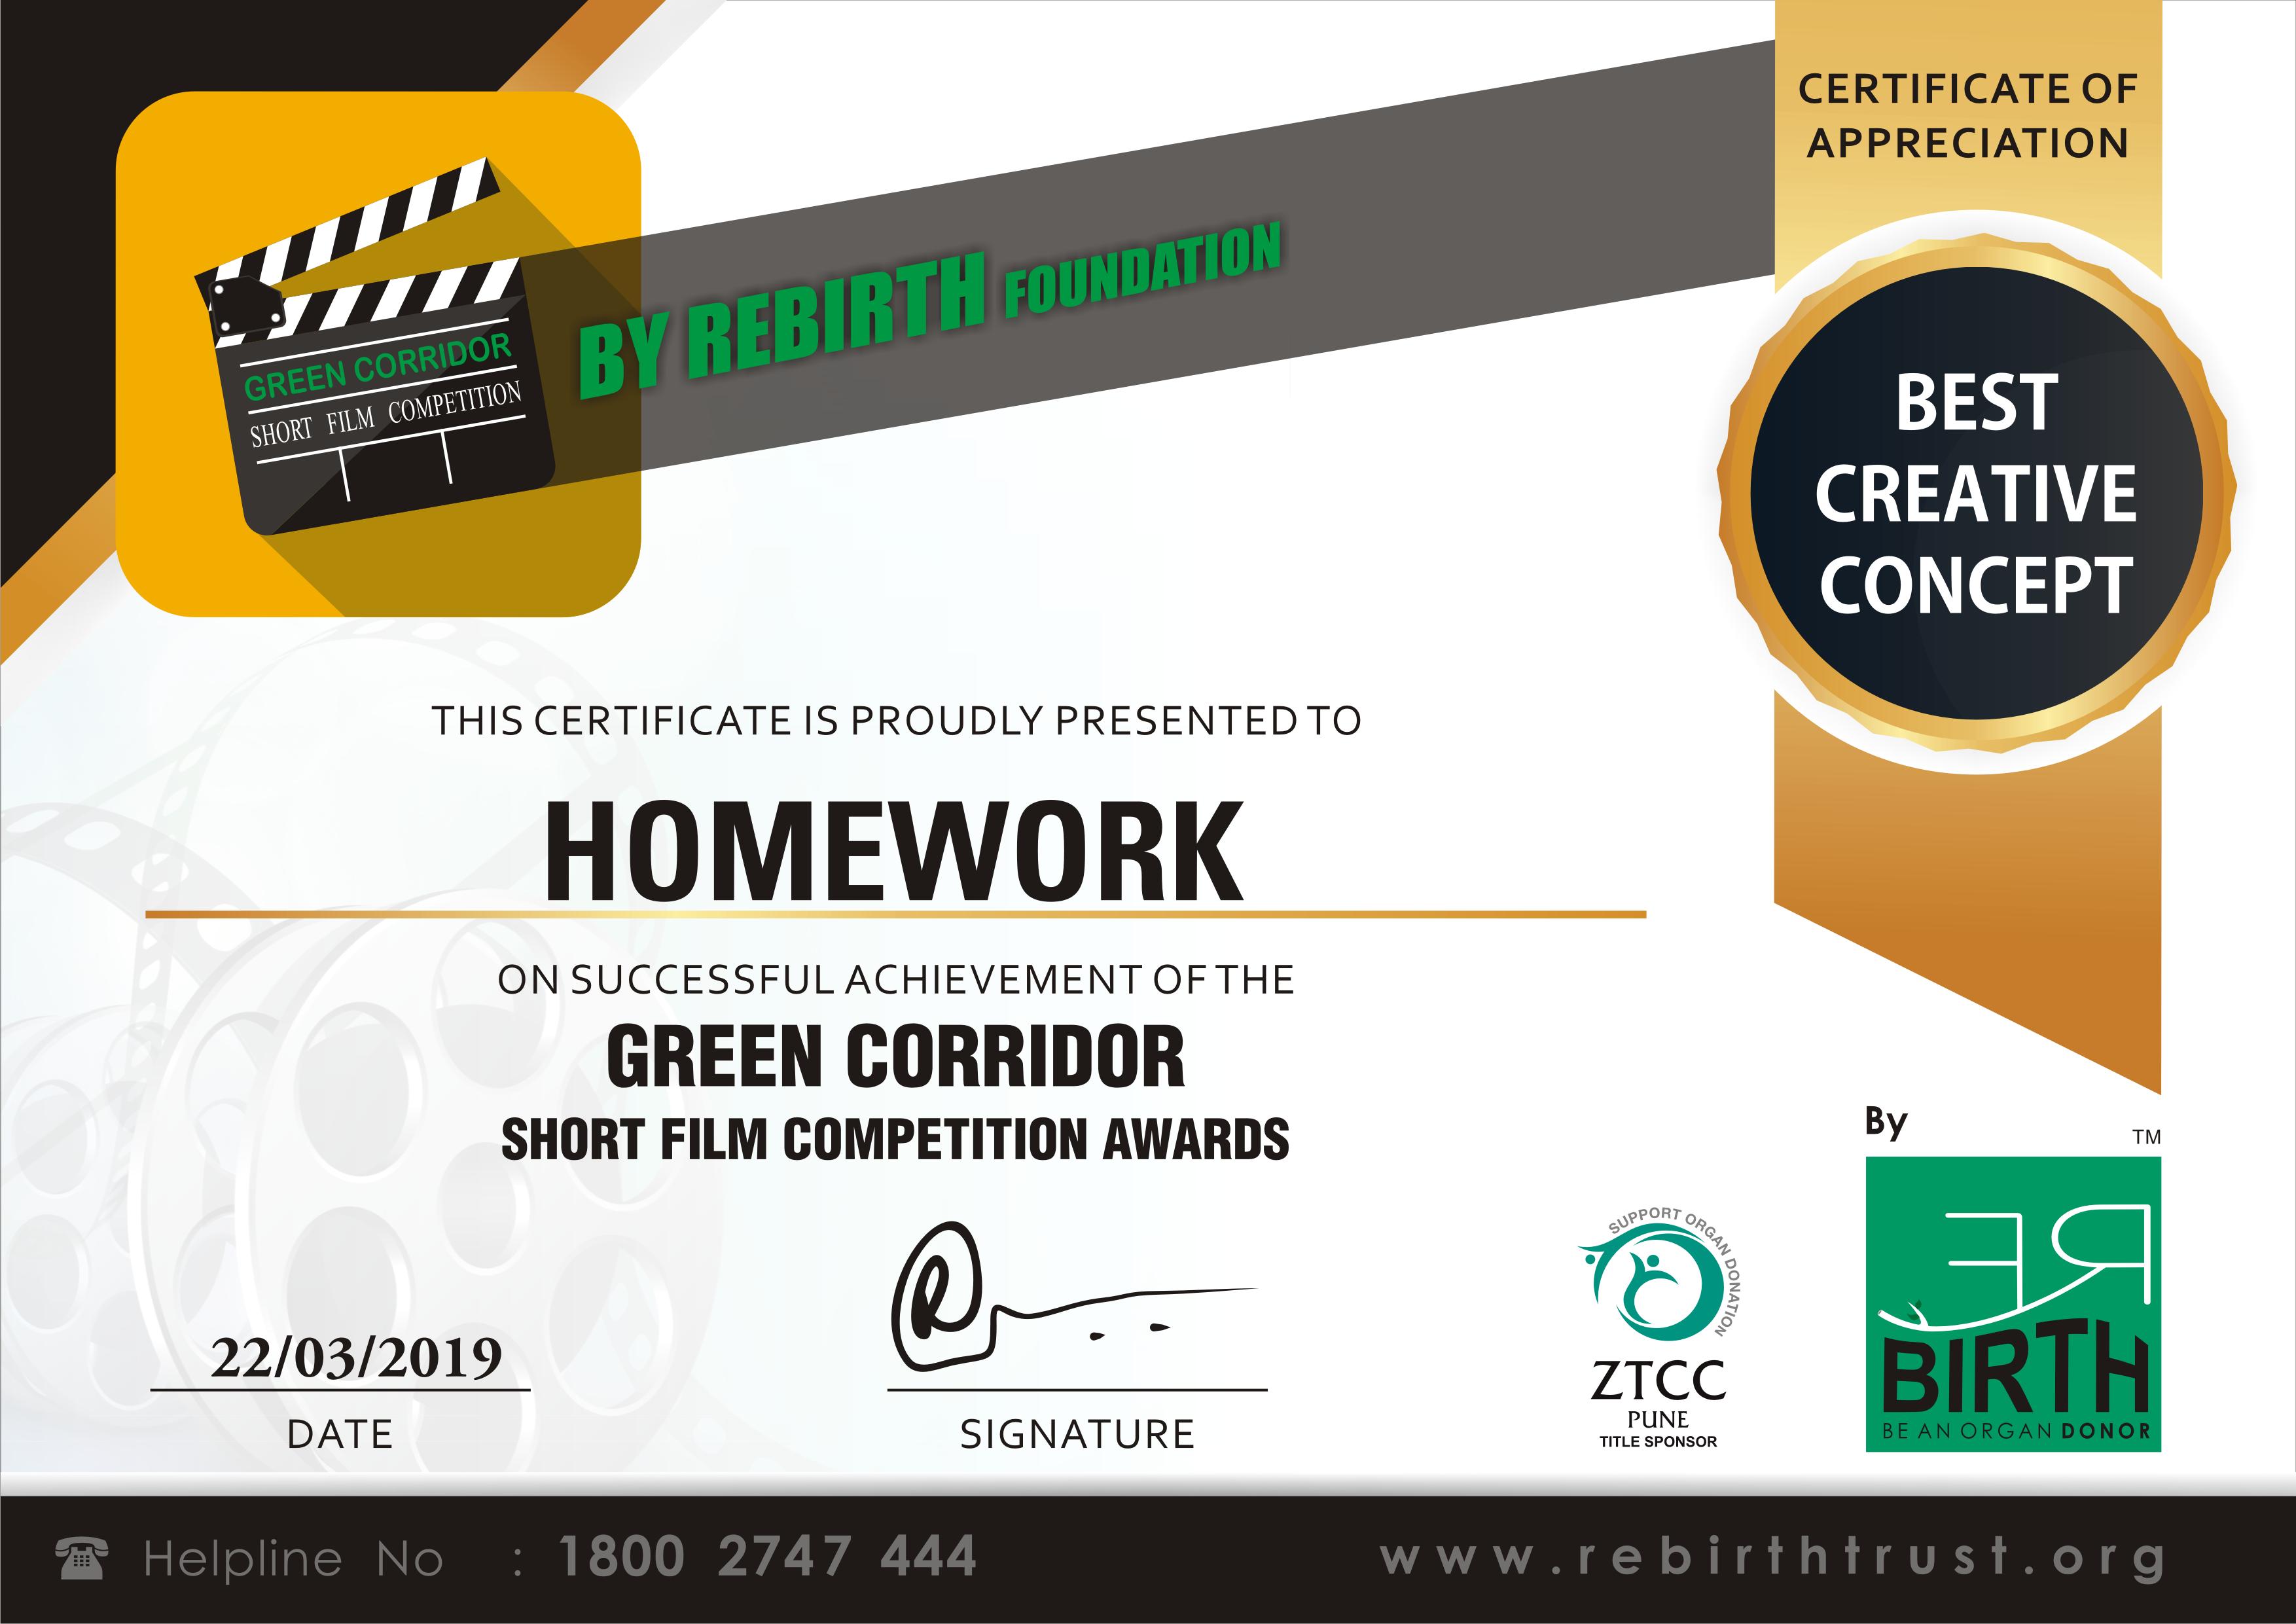 Green Corridor Best Creative Concept Award